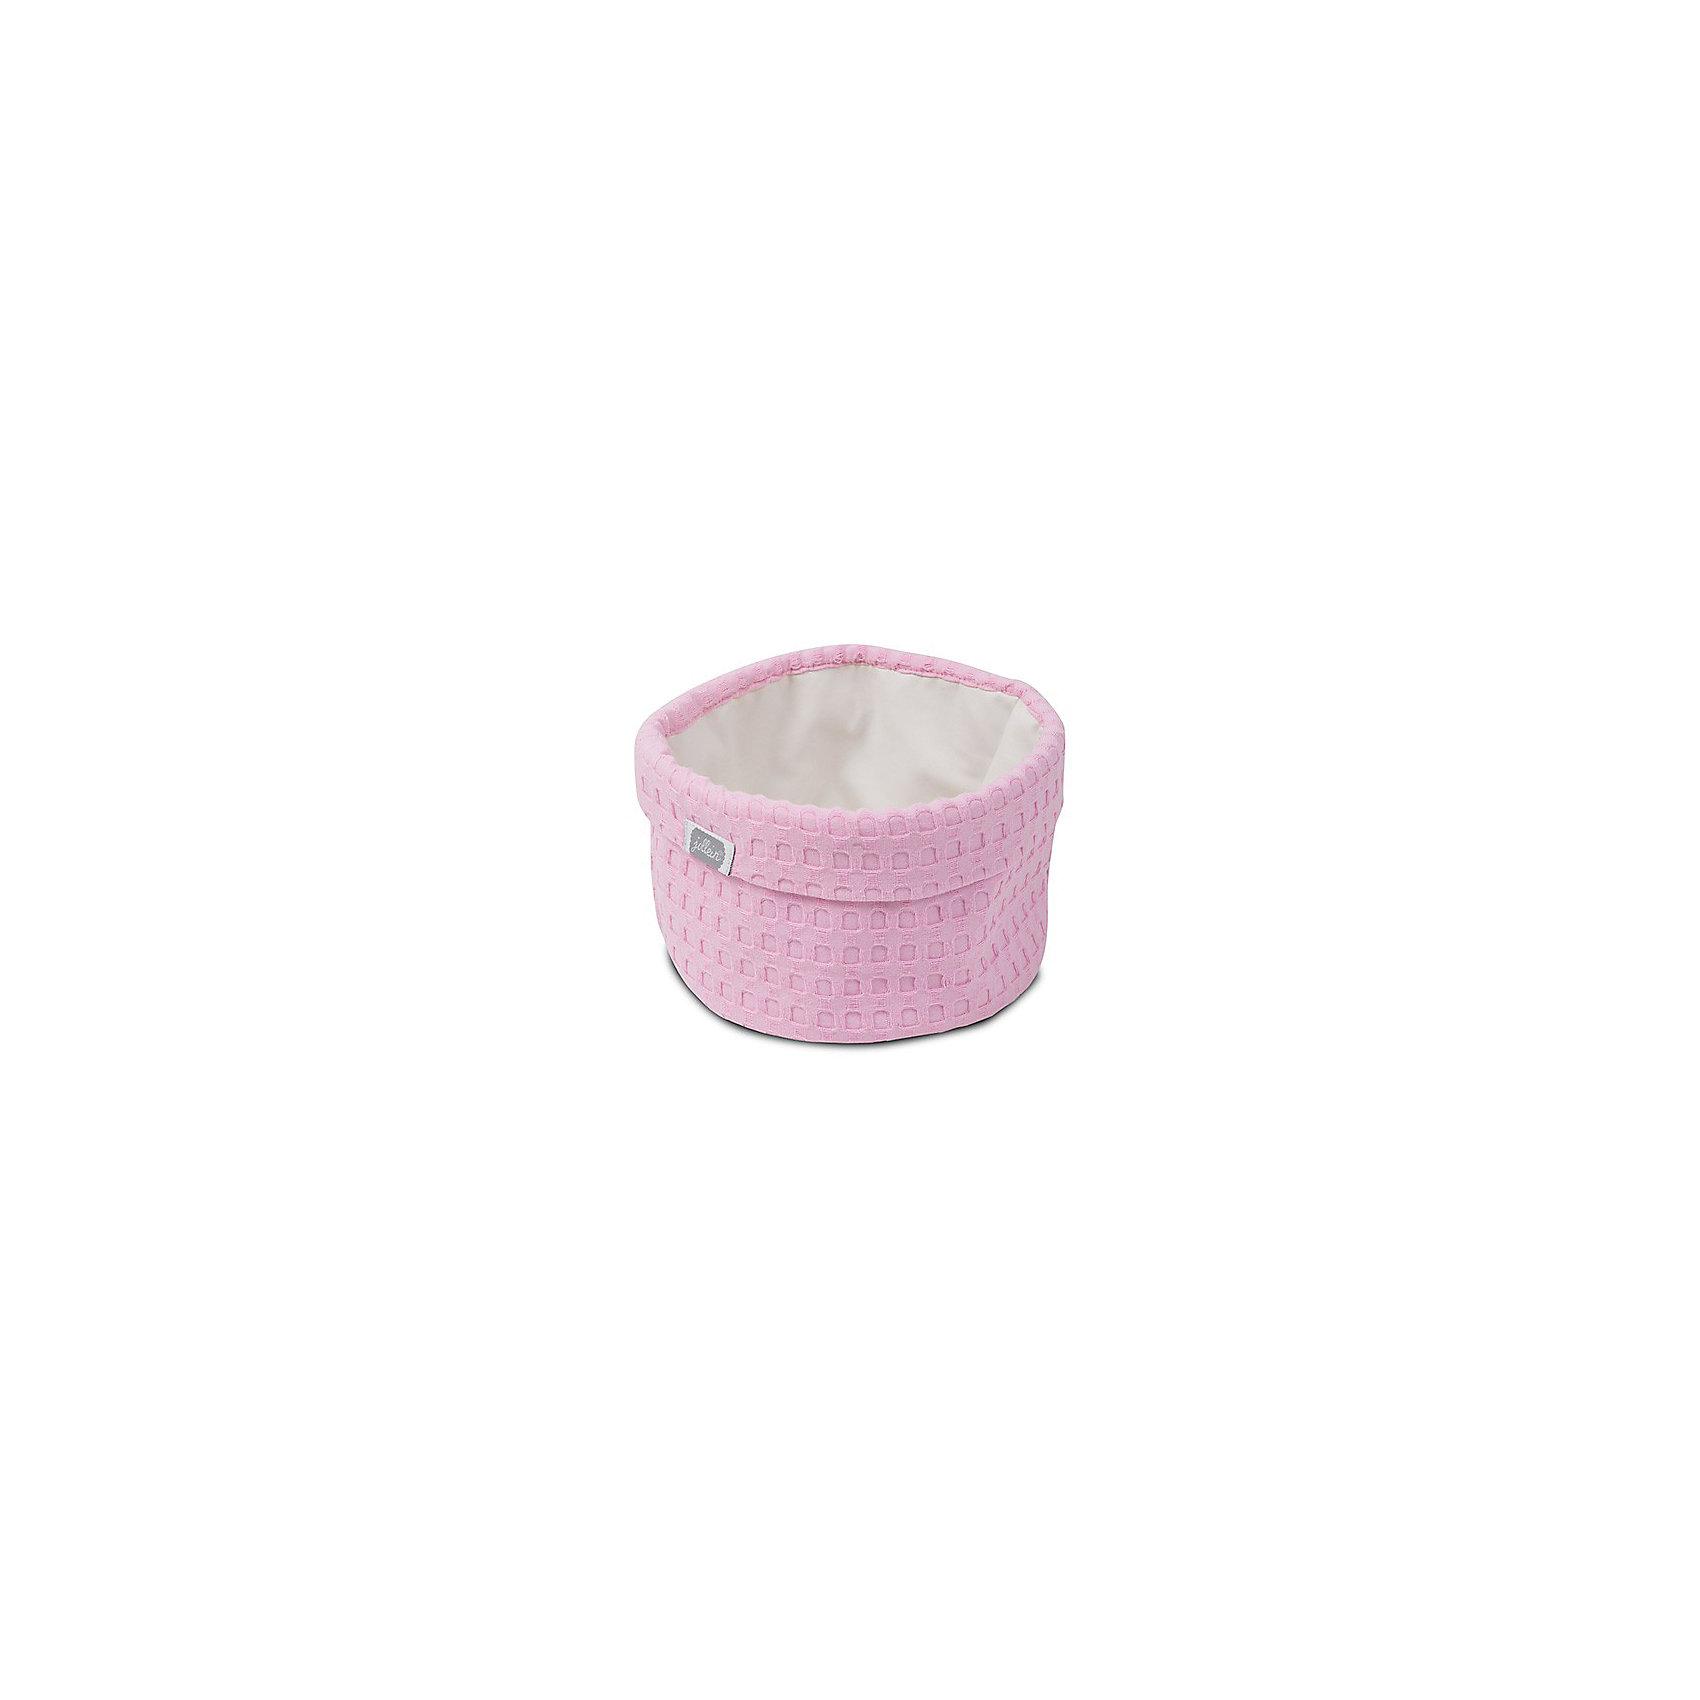 Корзинка, Jollein, PinkКорзинка для самых нужных предметов по уходу за малышом.<br><br>Ширина мм: 310<br>Глубина мм: 145<br>Высота мм: 40<br>Вес г: 1000<br>Возраст от месяцев: 0<br>Возраст до месяцев: 36<br>Пол: Унисекс<br>Возраст: Детский<br>SKU: 5367203